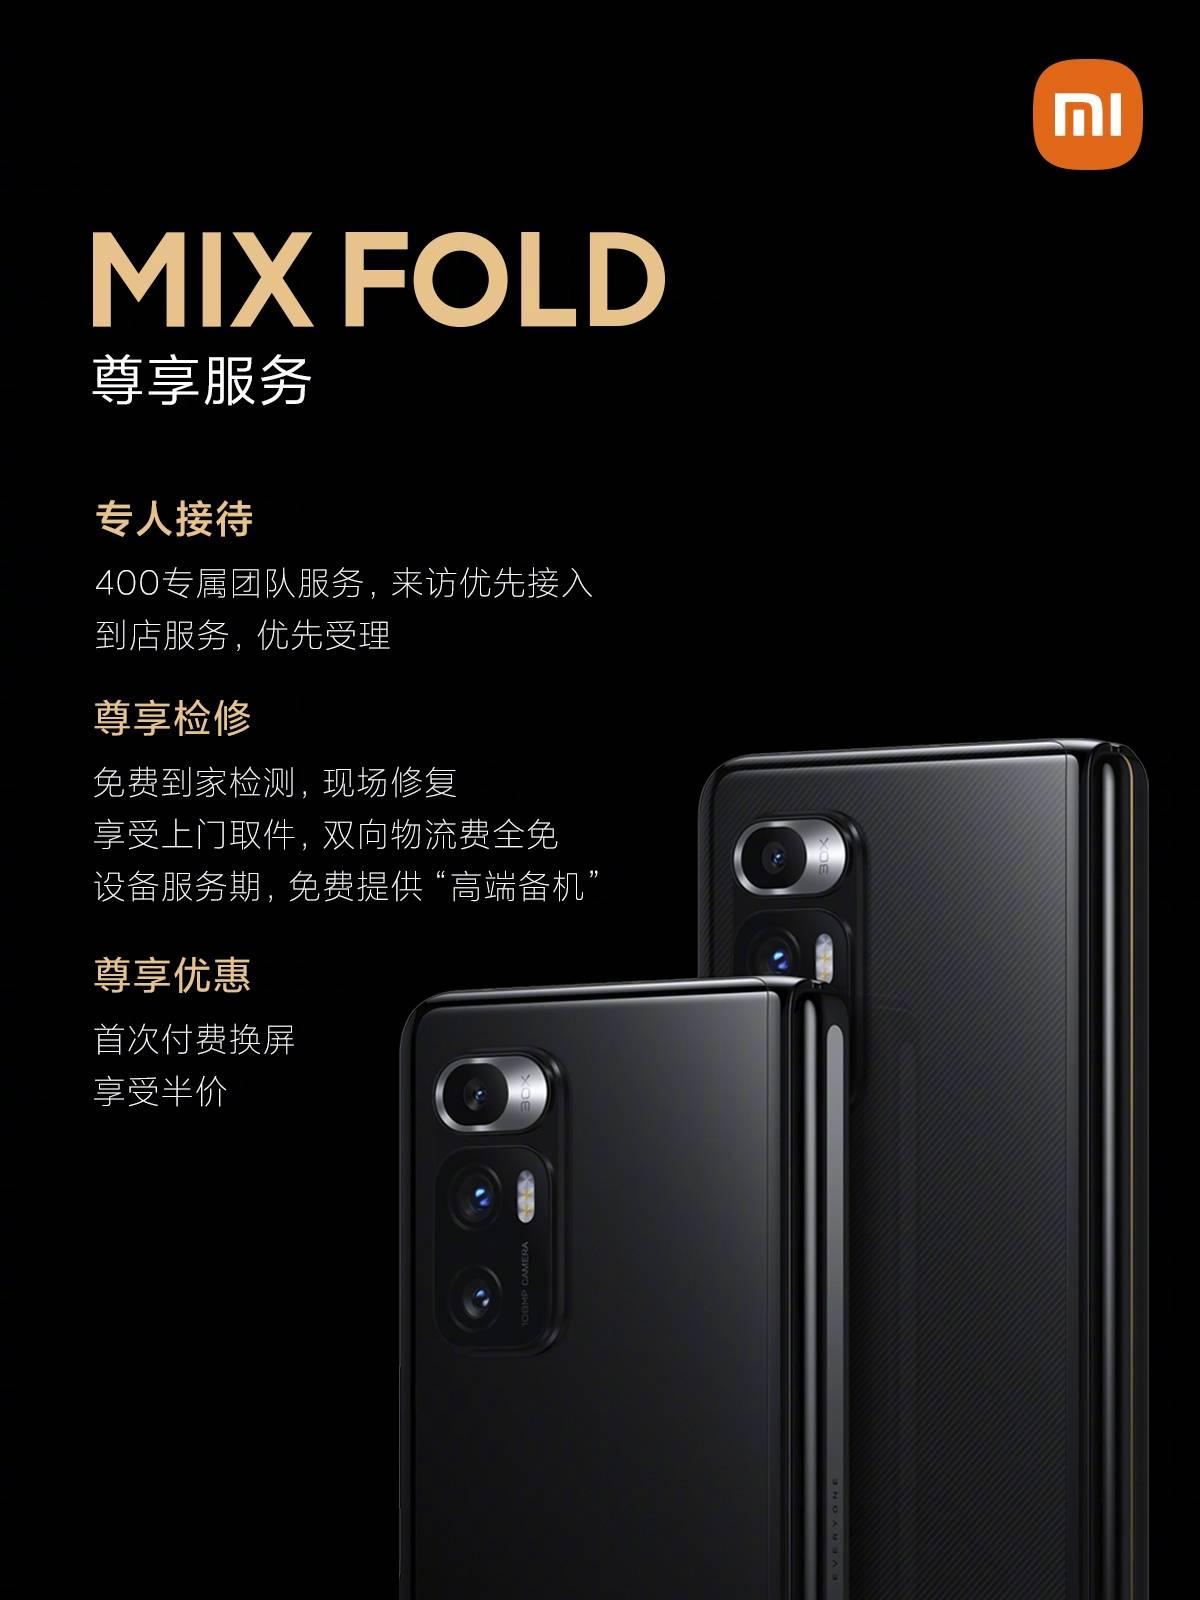 小米MIX FOLD正式发布:100万次极限折叠、9999元起的照片 - 13